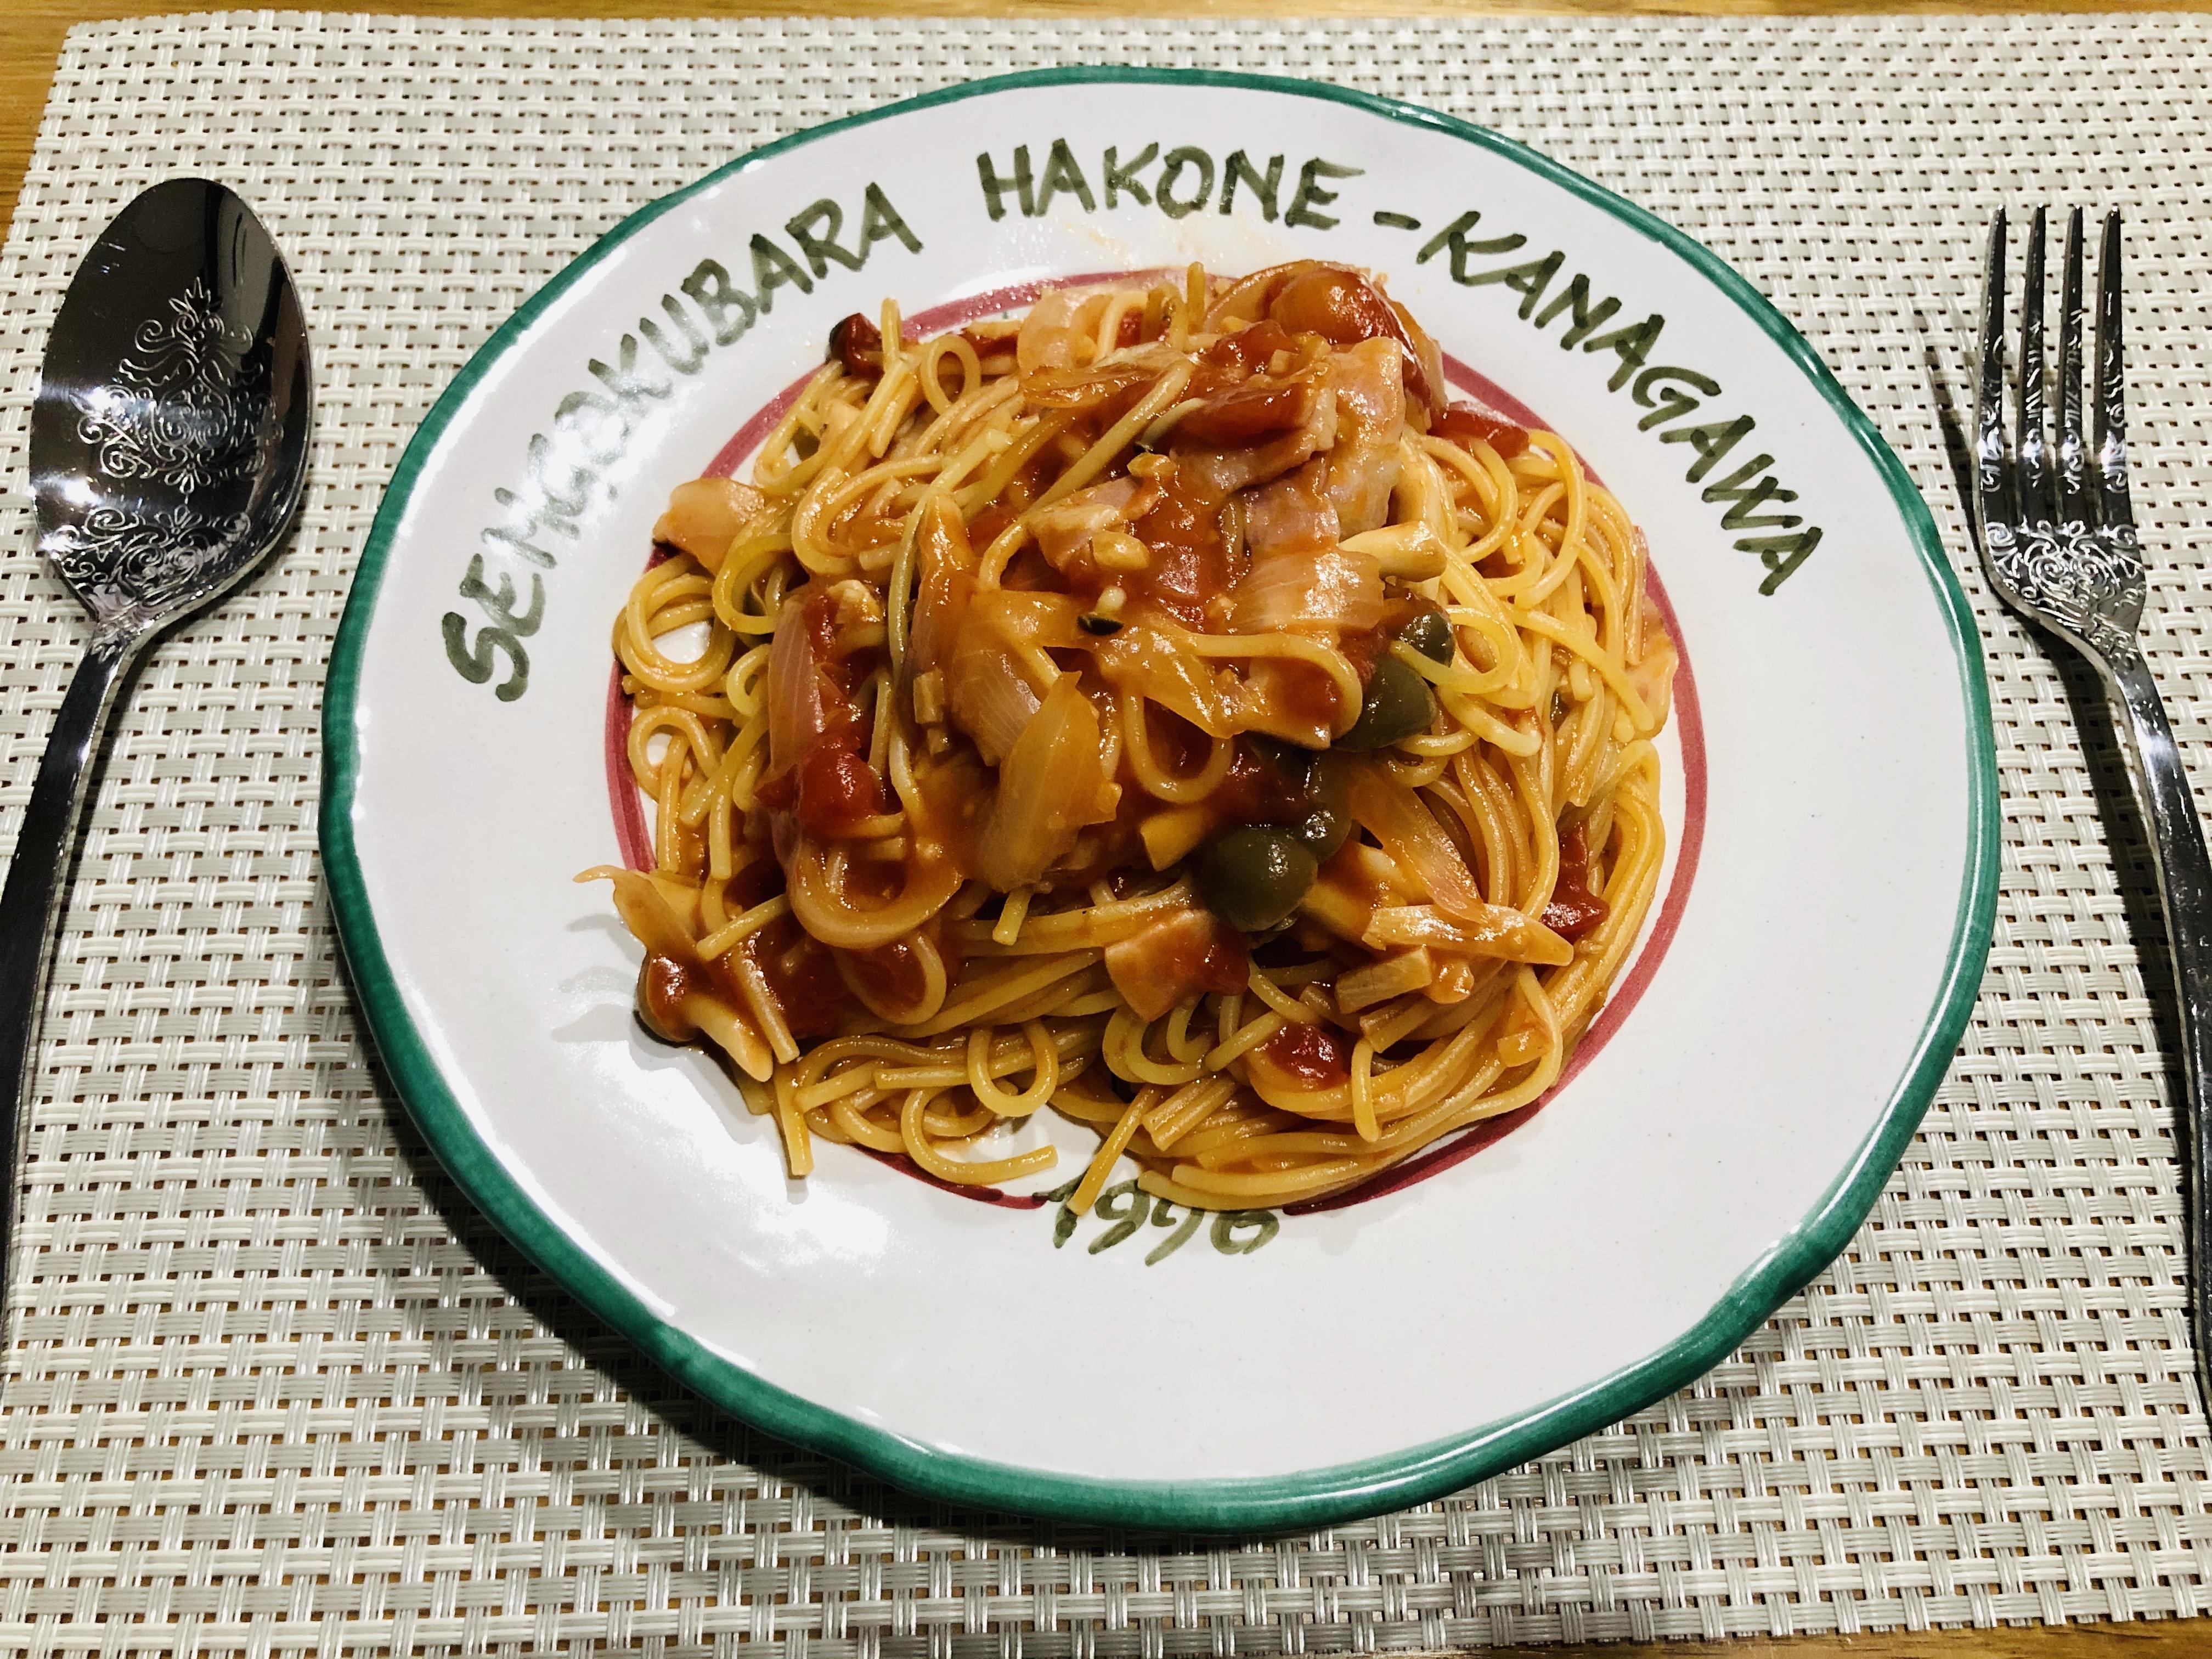 ホットクックでパスタごと煮るトマトパスタのレシピ